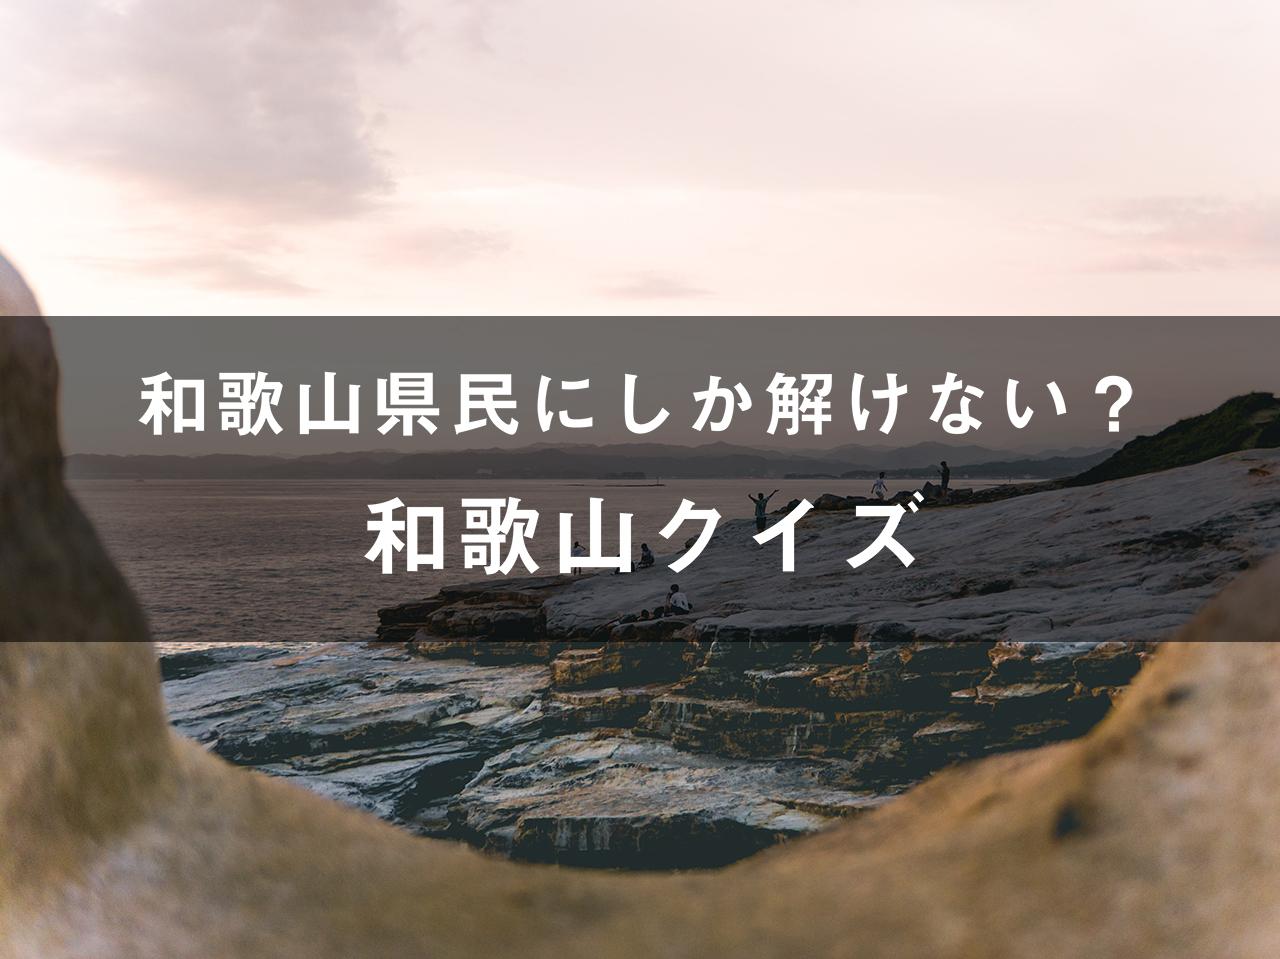 和歌山県民だけ解ける!?和歌山クイズ